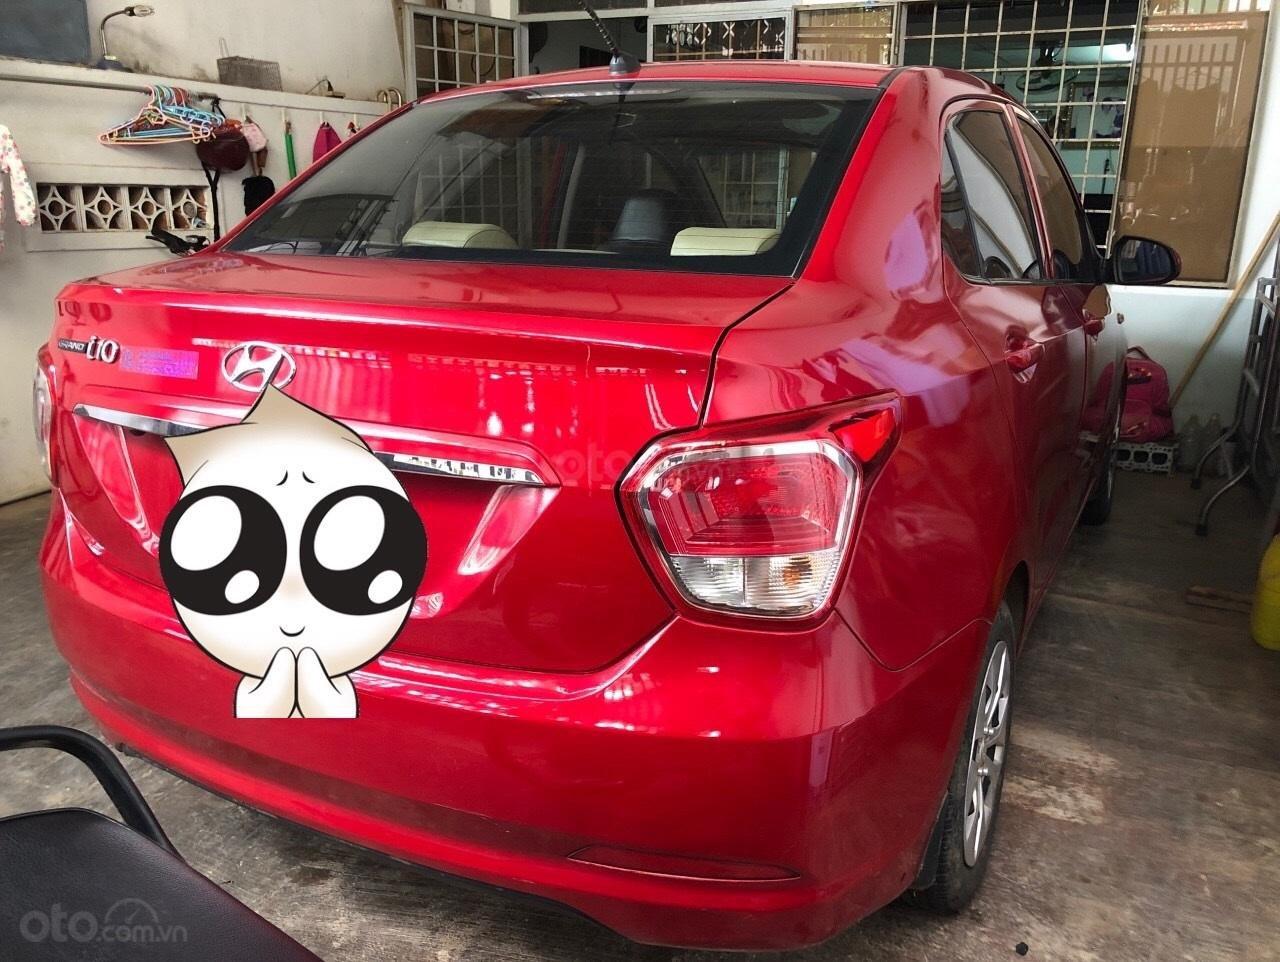 Chính chủ cần bán nhanh xe Hyundai Grand i10 1.2 LT, màu đỏ, 285 triệu (2)